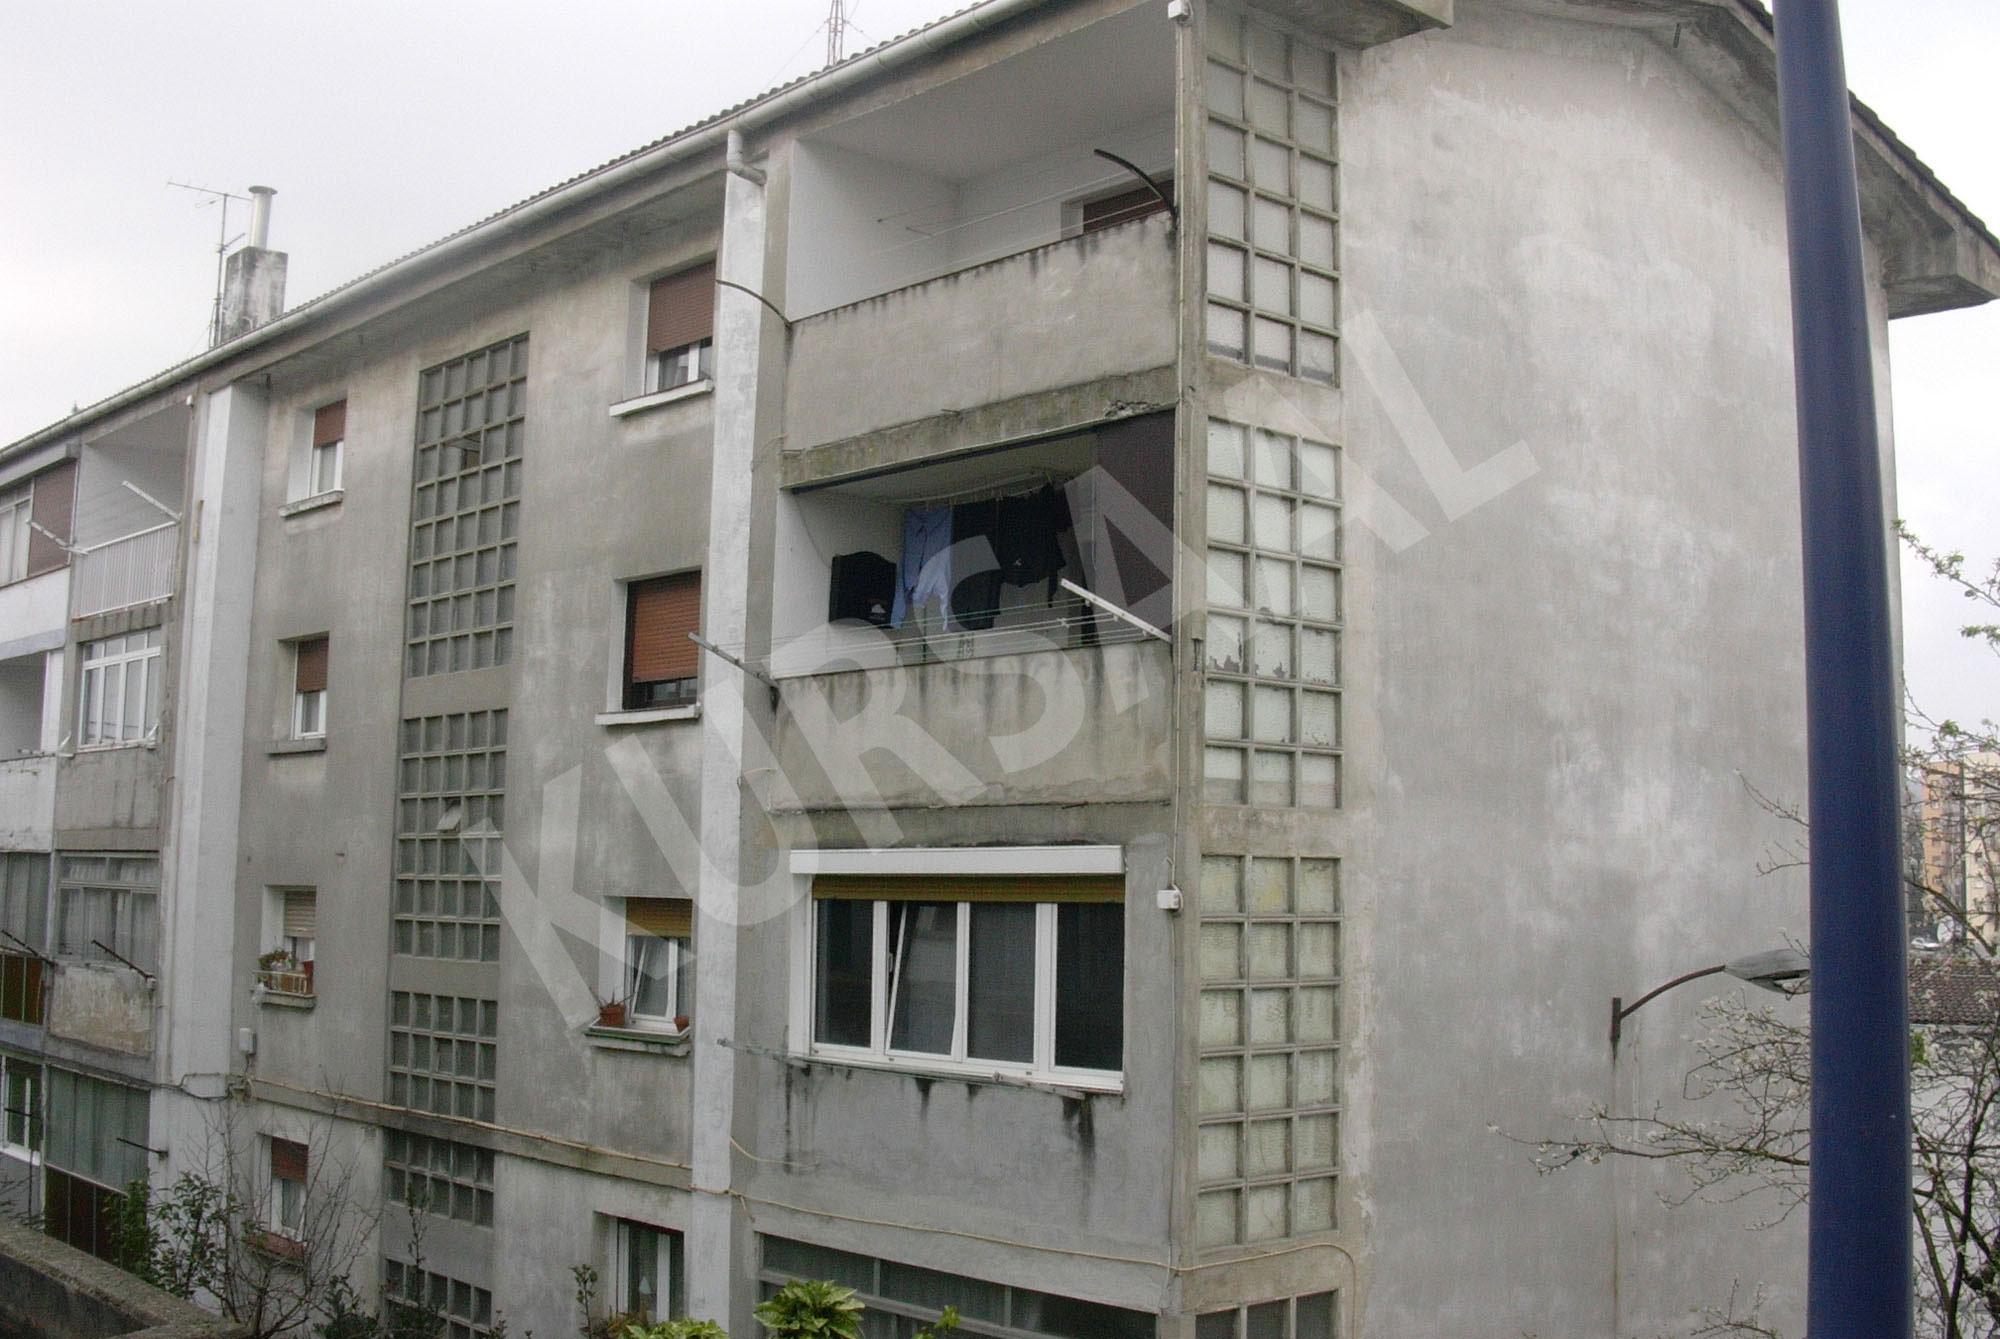 foto 3 - Aislamientos Térmicos y Eficiencia Energética-Urdaburu 5-ERRENTERIA, GIPUZKOA